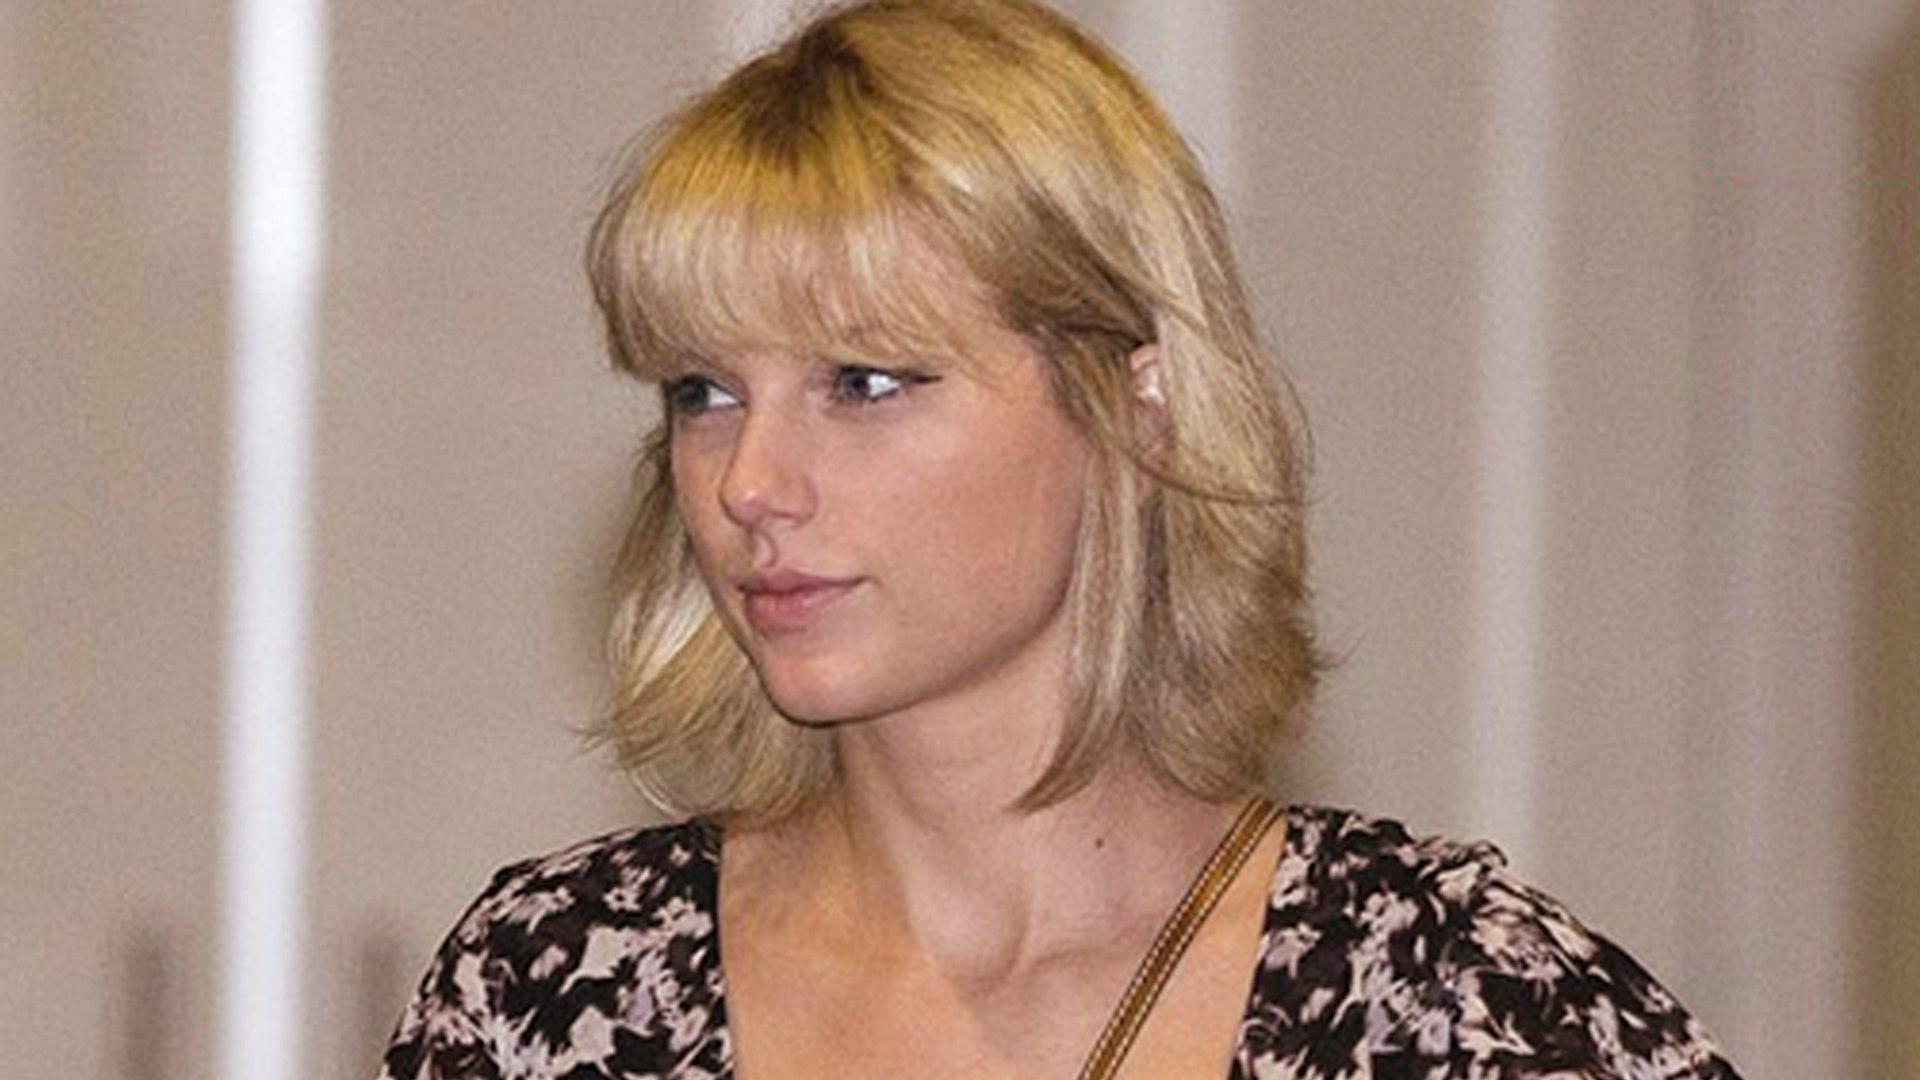 Taylor Swift Crazy Fan Arrested For Stalking